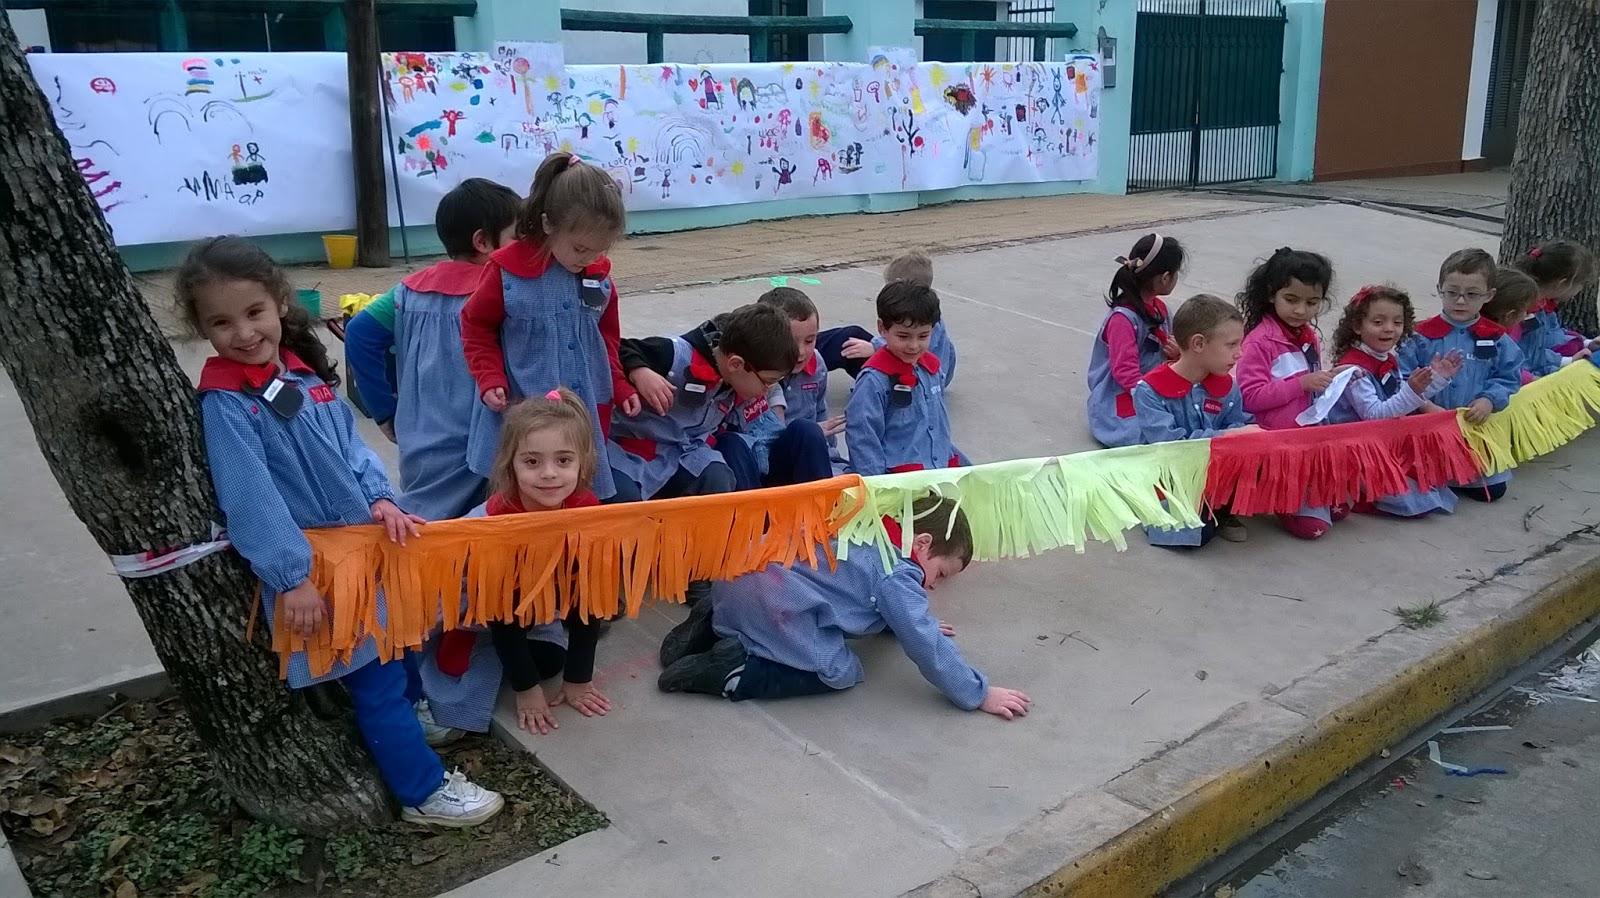 Jard n de infantes com n n 8061 conrado nal roxlo for Jardin de infantes 2015